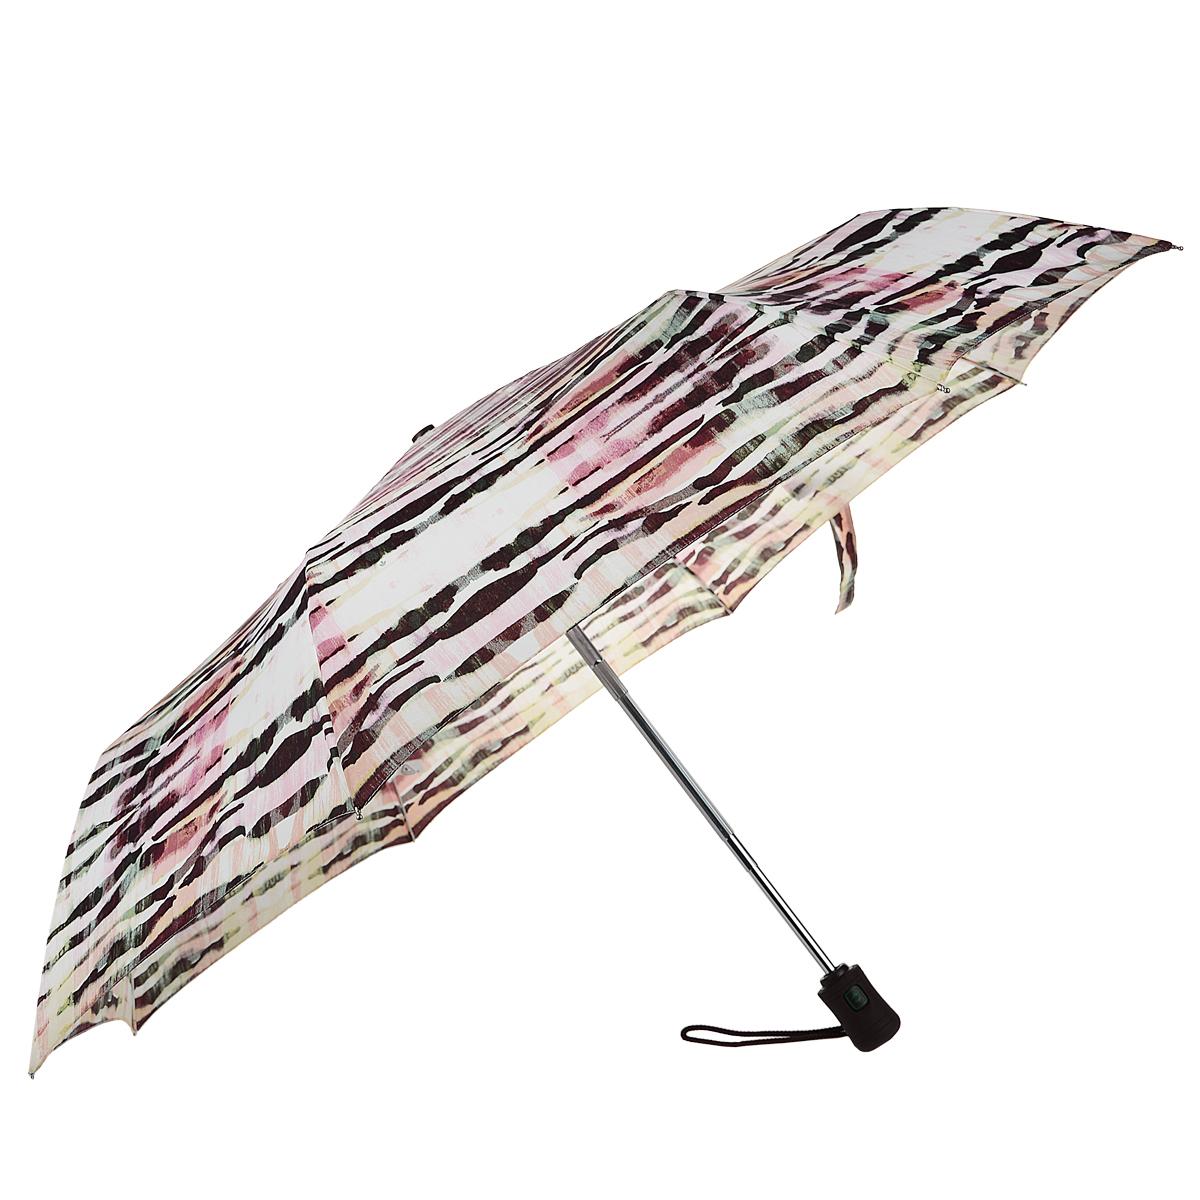 """Зонт женский Fulton Zebra Candy, автомат, 3 сложения, цвет: сиреневый, бордовыйJ346 3S2307Стильный зонт Fulton """"Zebra Candy"""" даже в ненастную погоду позволит вам оставаться женственной и элегантной. """"Ветростойкий"""" каркас зонта в 3 сложения состоит из восьми алюминиевых спиц с элементами из фибергласса, стержень выполнен из стали. Зонт оснащен удобной рукояткой из прорезиненного пластика. Купол зонта выполнен из прочного полиэстера и оформлен полосатым принтом. На рукоятке для удобства есть небольшой шнурок, позволяющий надеть зонт на руку тогда, когда это будет необходимо. К зонту прилагается чехол. Зонт автоматического сложения: купол открывается и закрывается нажатием на кнопку, стержень складывается вручную до характерного щелчка."""